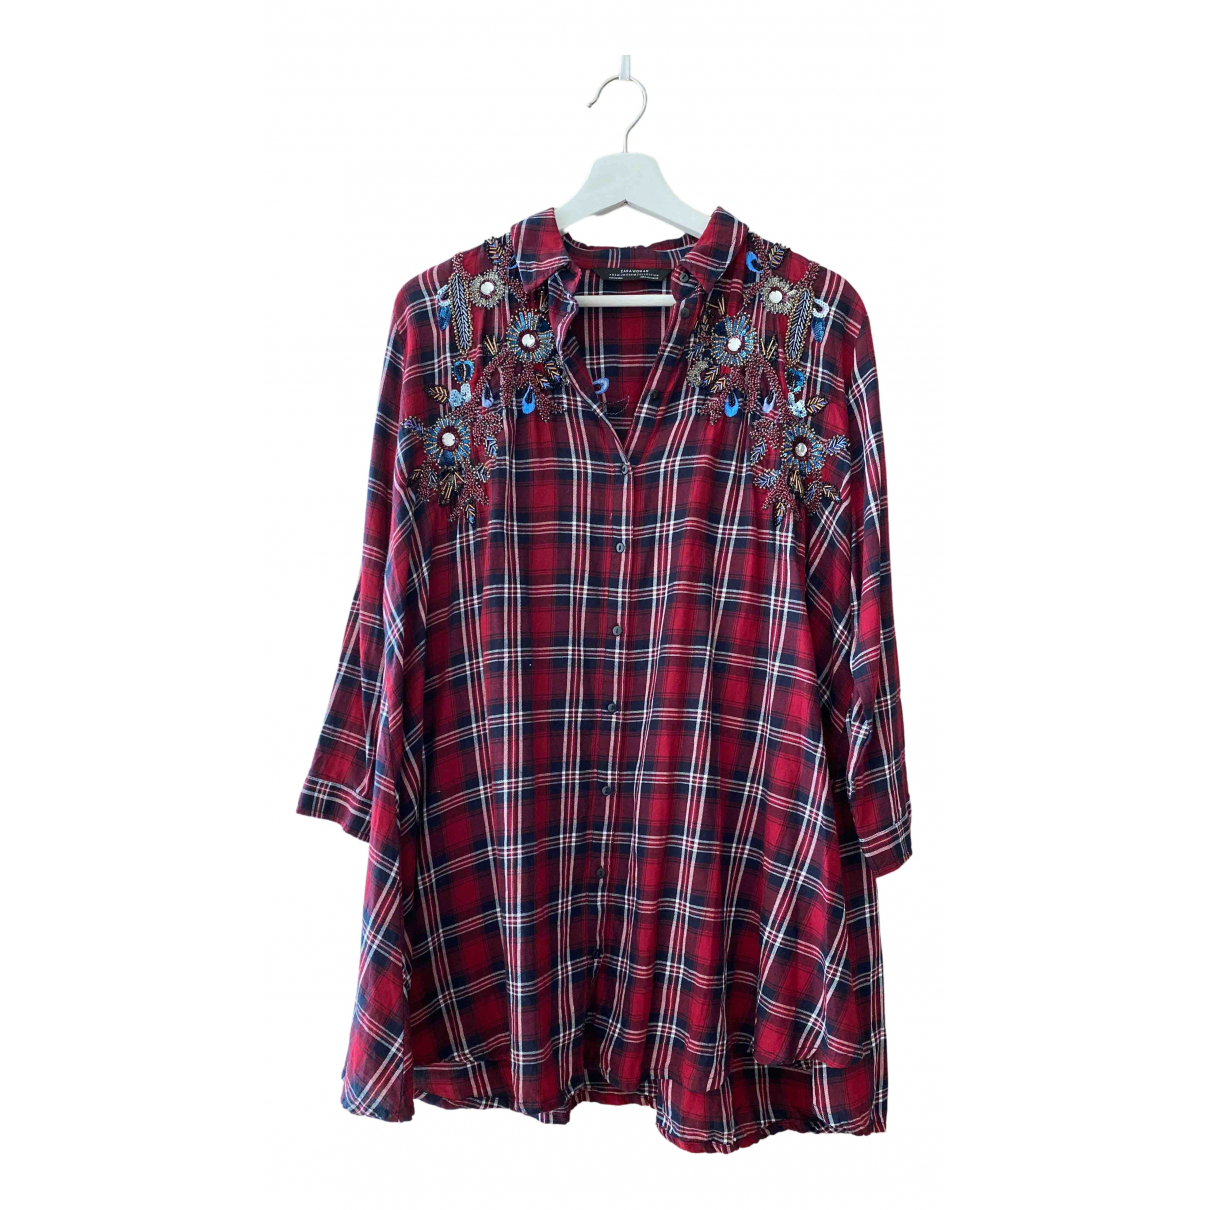 Zara - Top   pour femme en coton - bordeaux